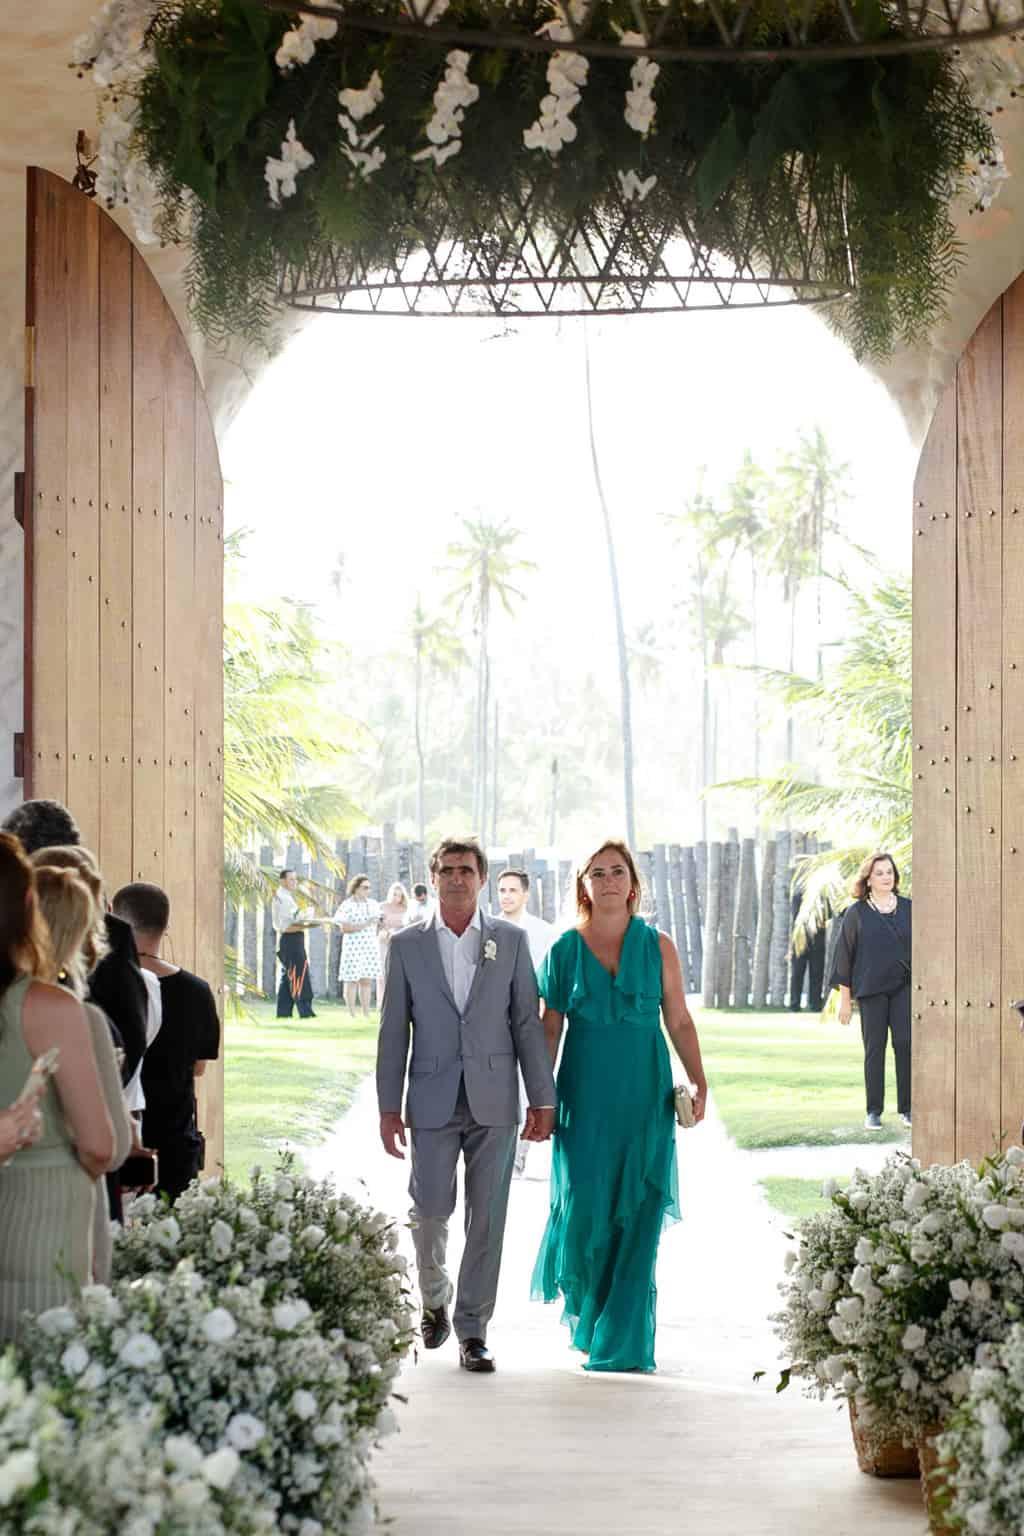 AL-Aline-e-Mauricio-capela-dos-milagres-casamento-casamento-na-praia-cortejo-madrinhas-padrinhos39